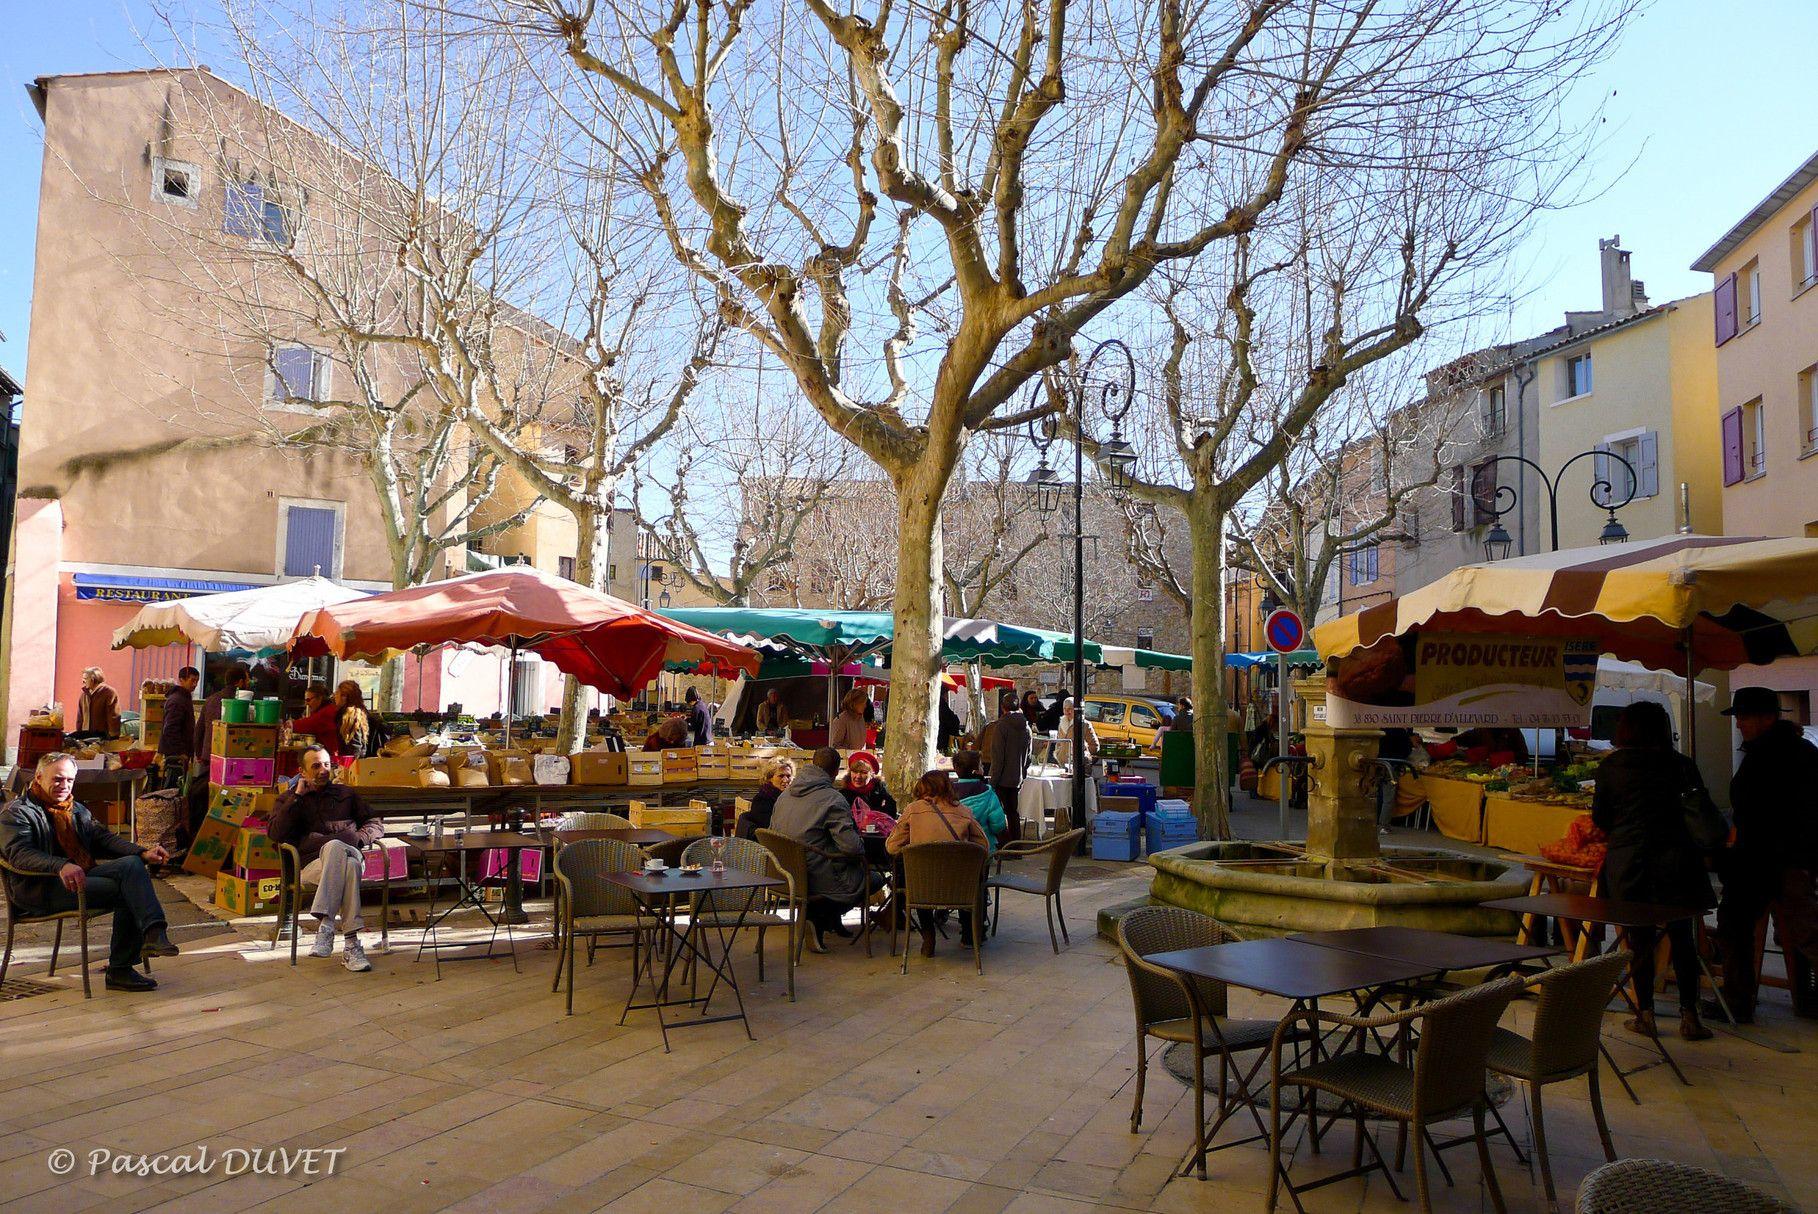 Mnqb13 Le Marche D Hiver Place Pagnol A Manosque Alpes De Haute Provence 04 France Provence Europe